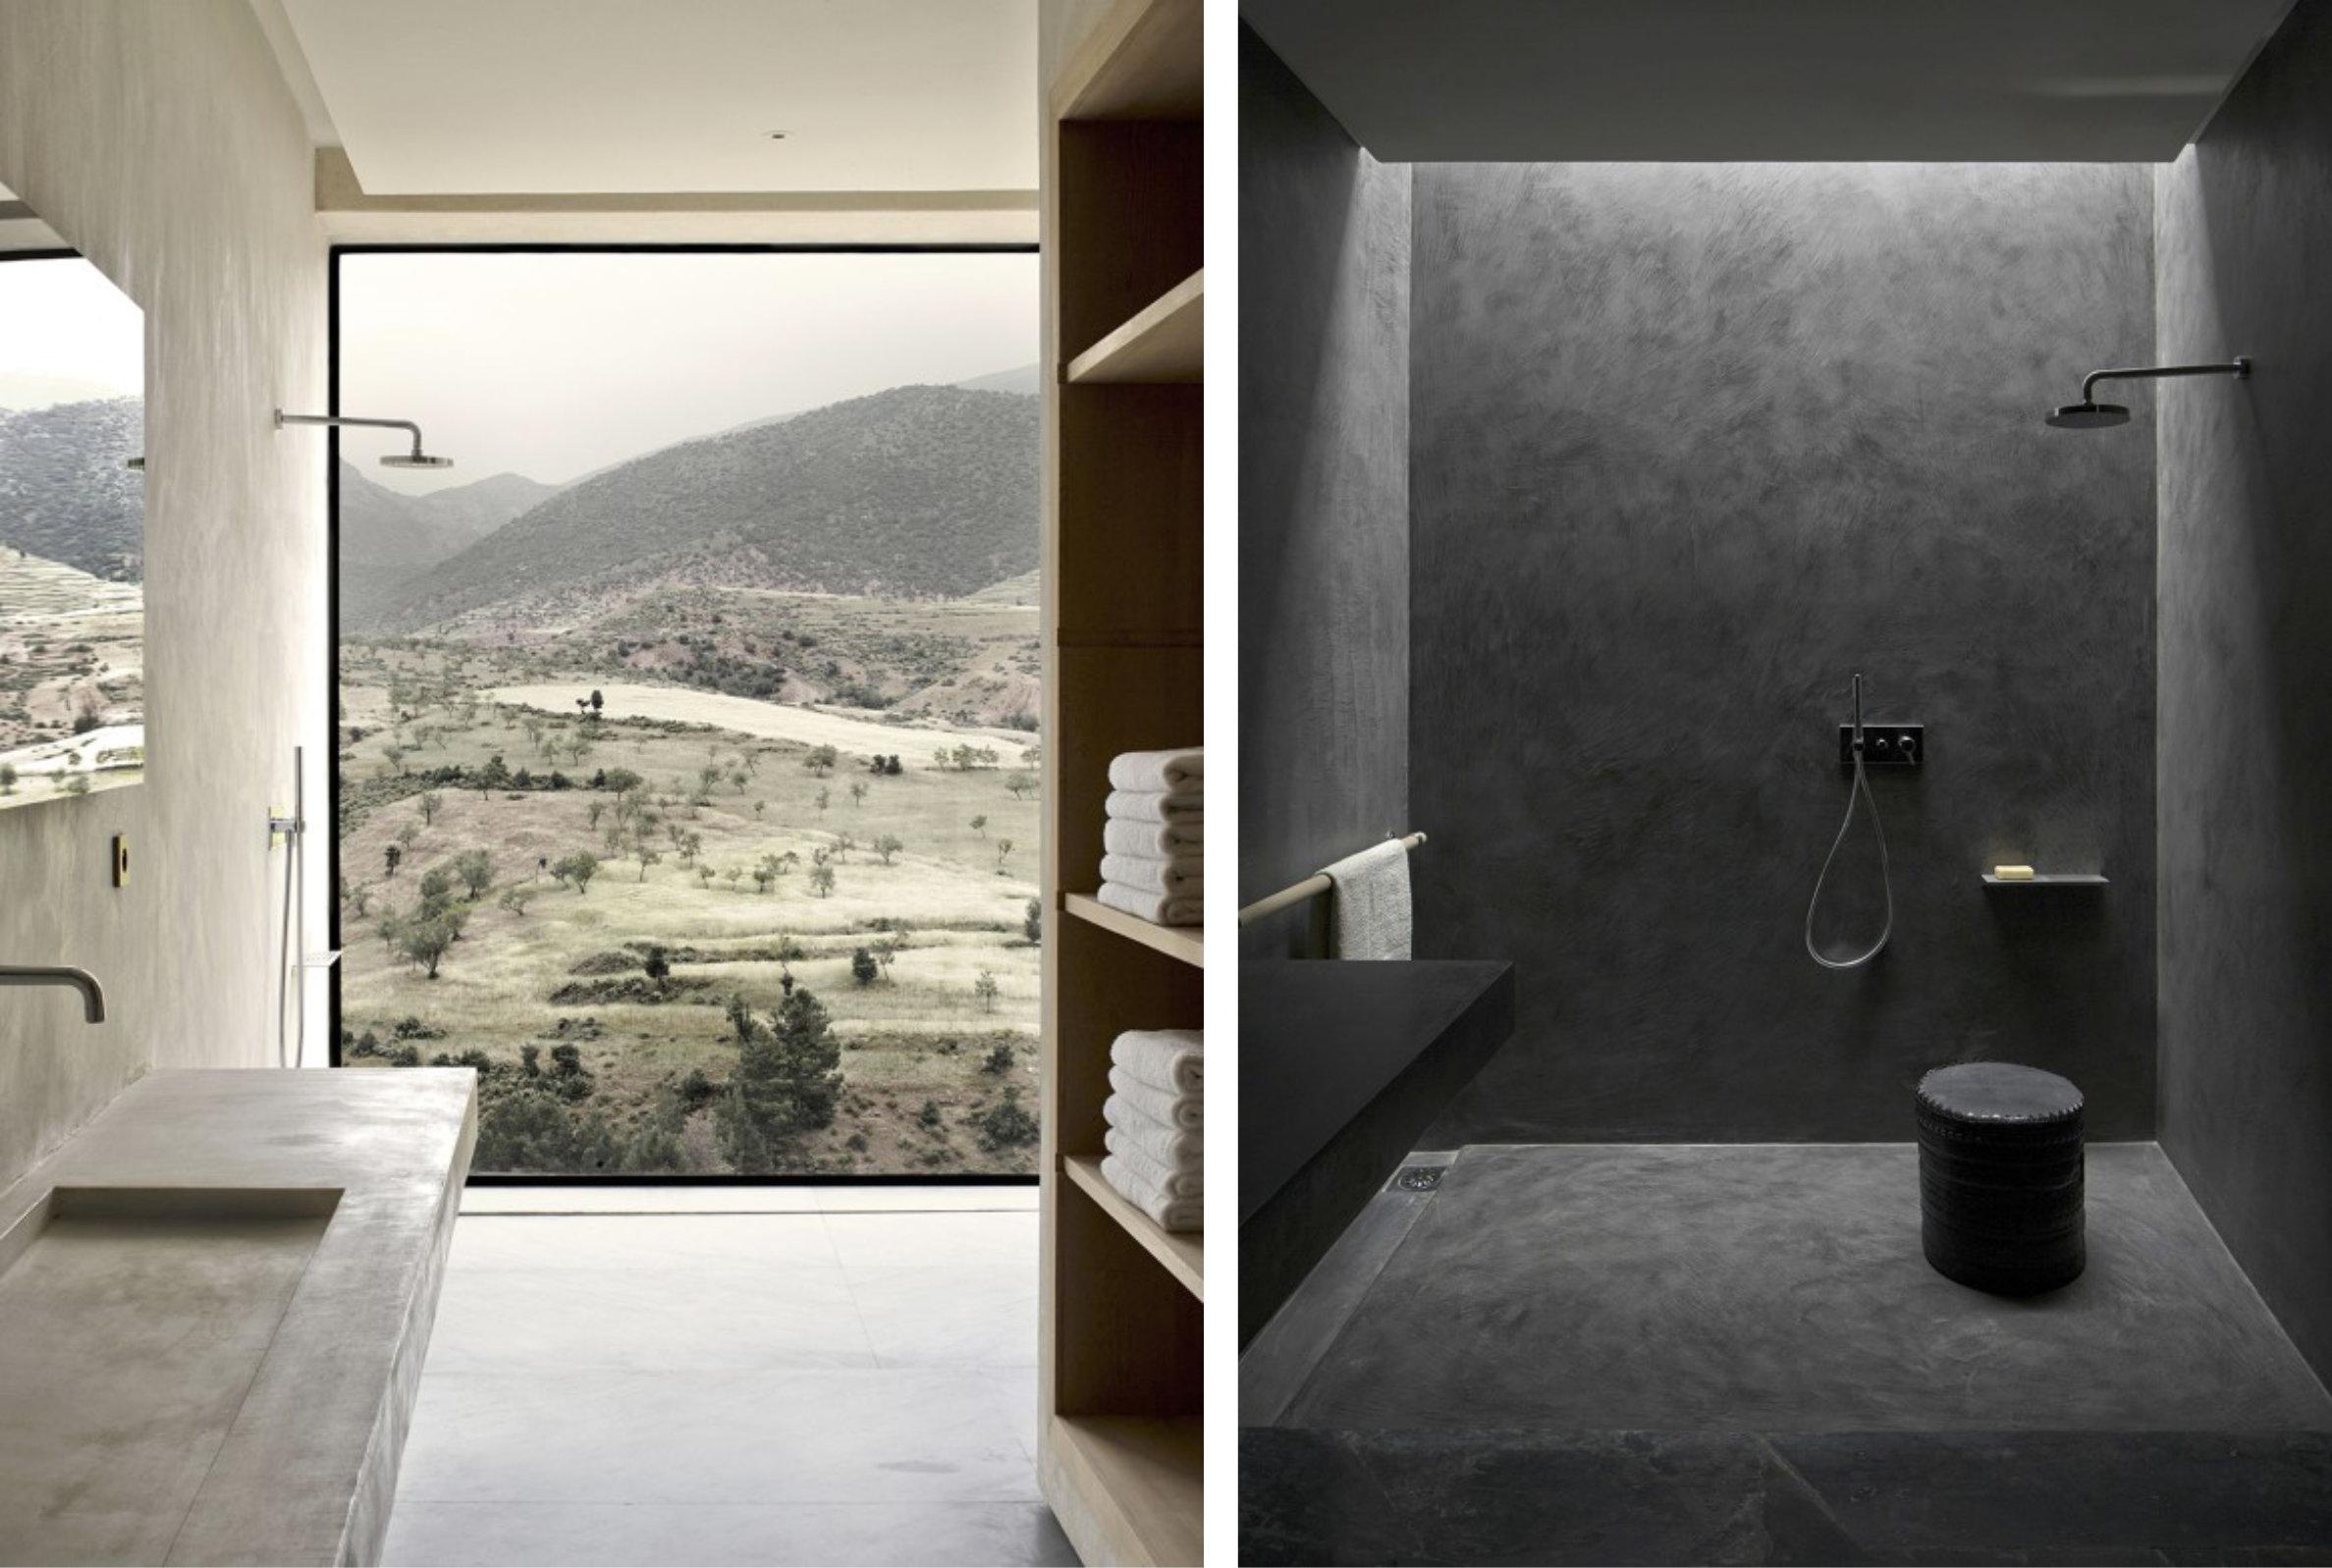 interiorlines_studio_ko_villa_e_006.jpg